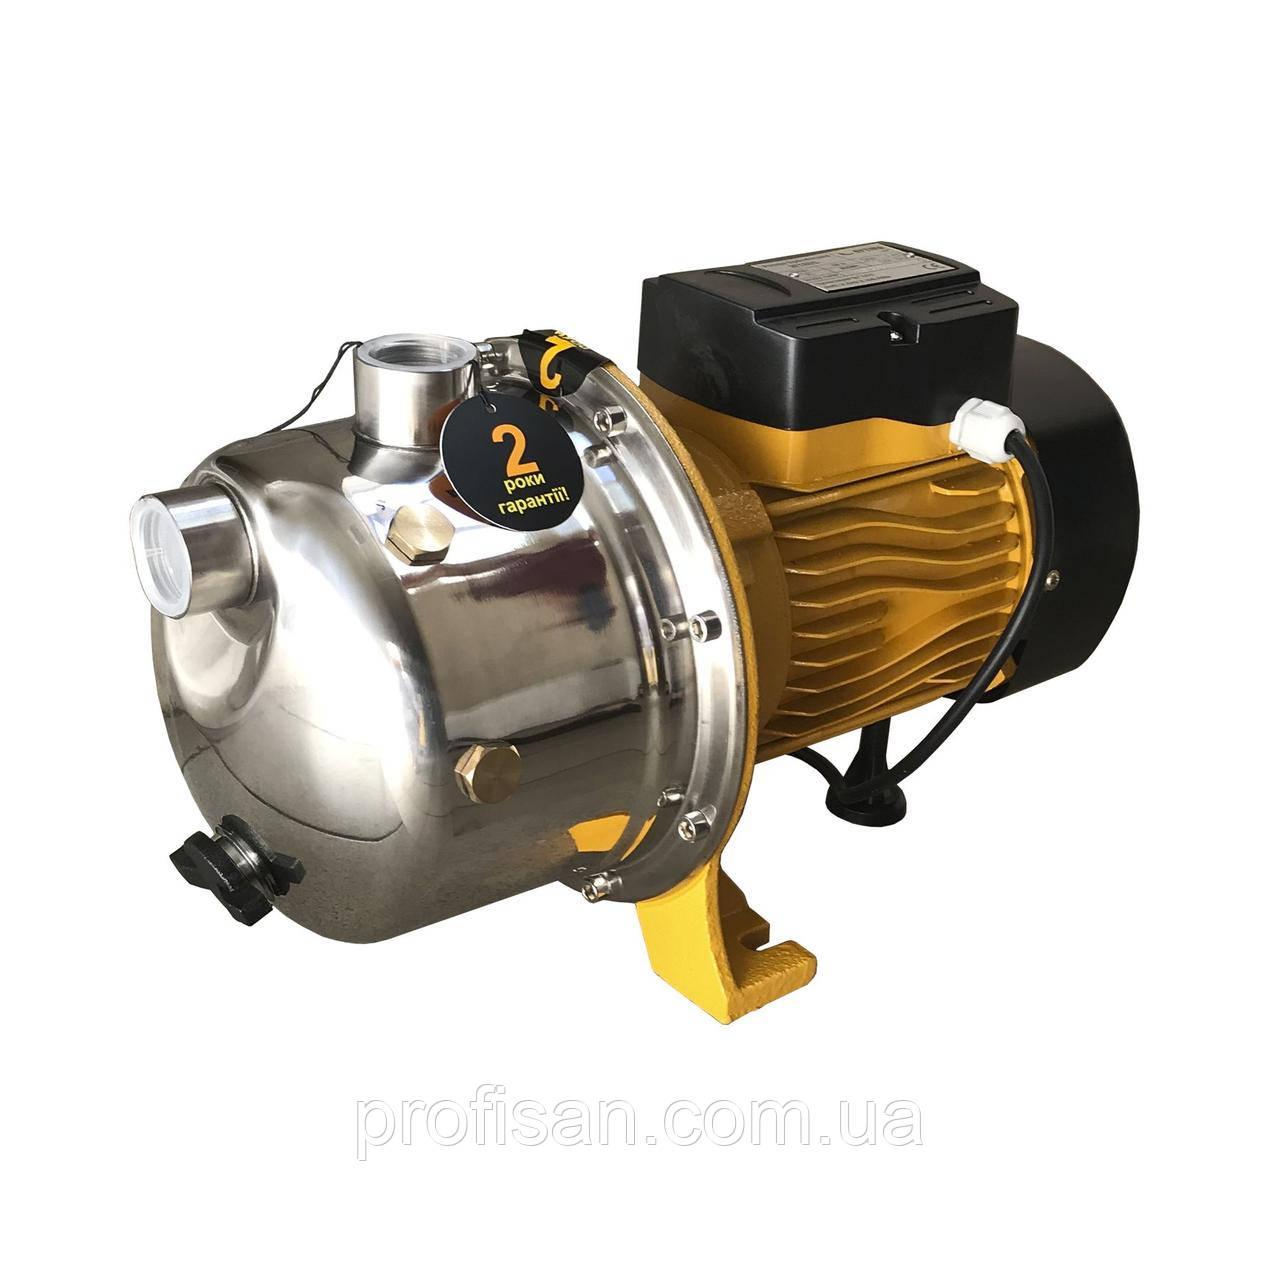 Насос відцентровий JET Optima 80S-PL 0,8 кВт нержавійка